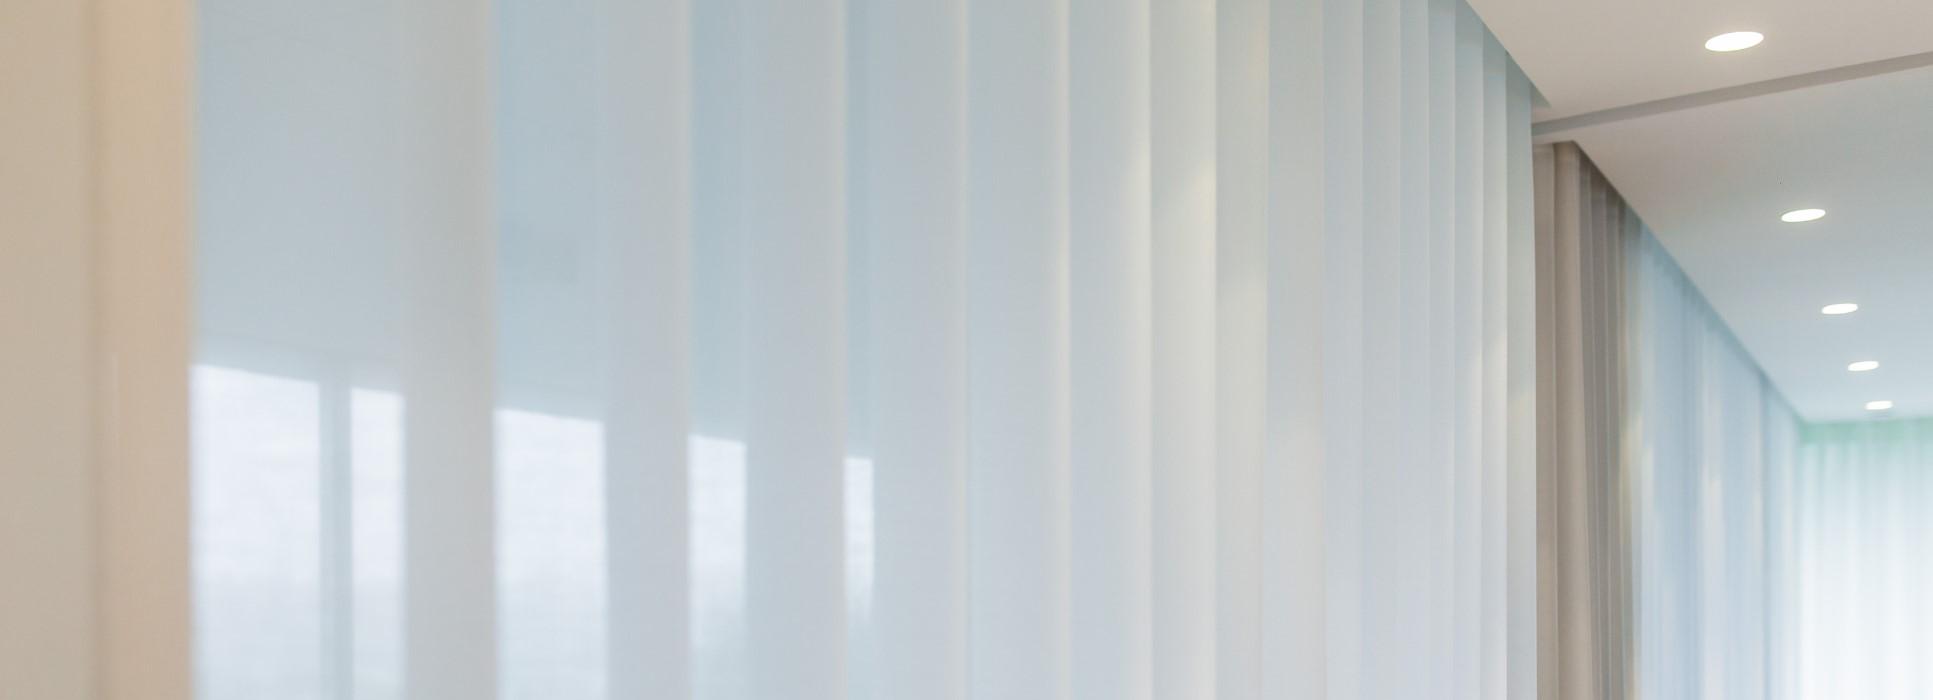 inside-concept-mobilier-design-architecture-d-interieur-occultation